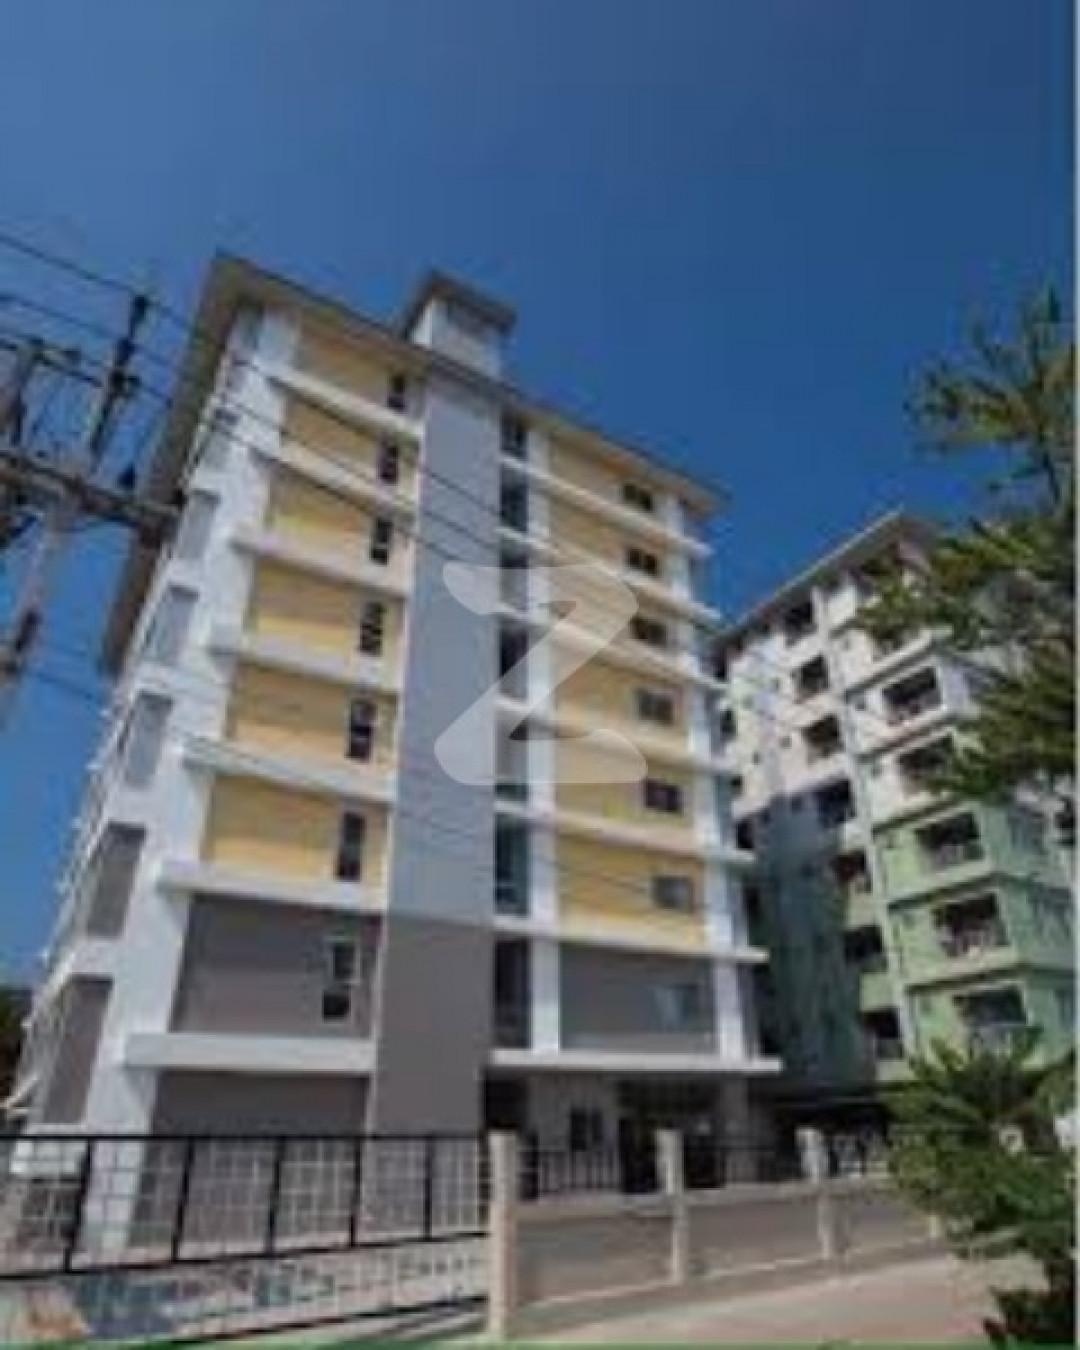 บ้านบูรพาภิรมย์ เฟส 7 Baan Buraphaphirom Phase 7